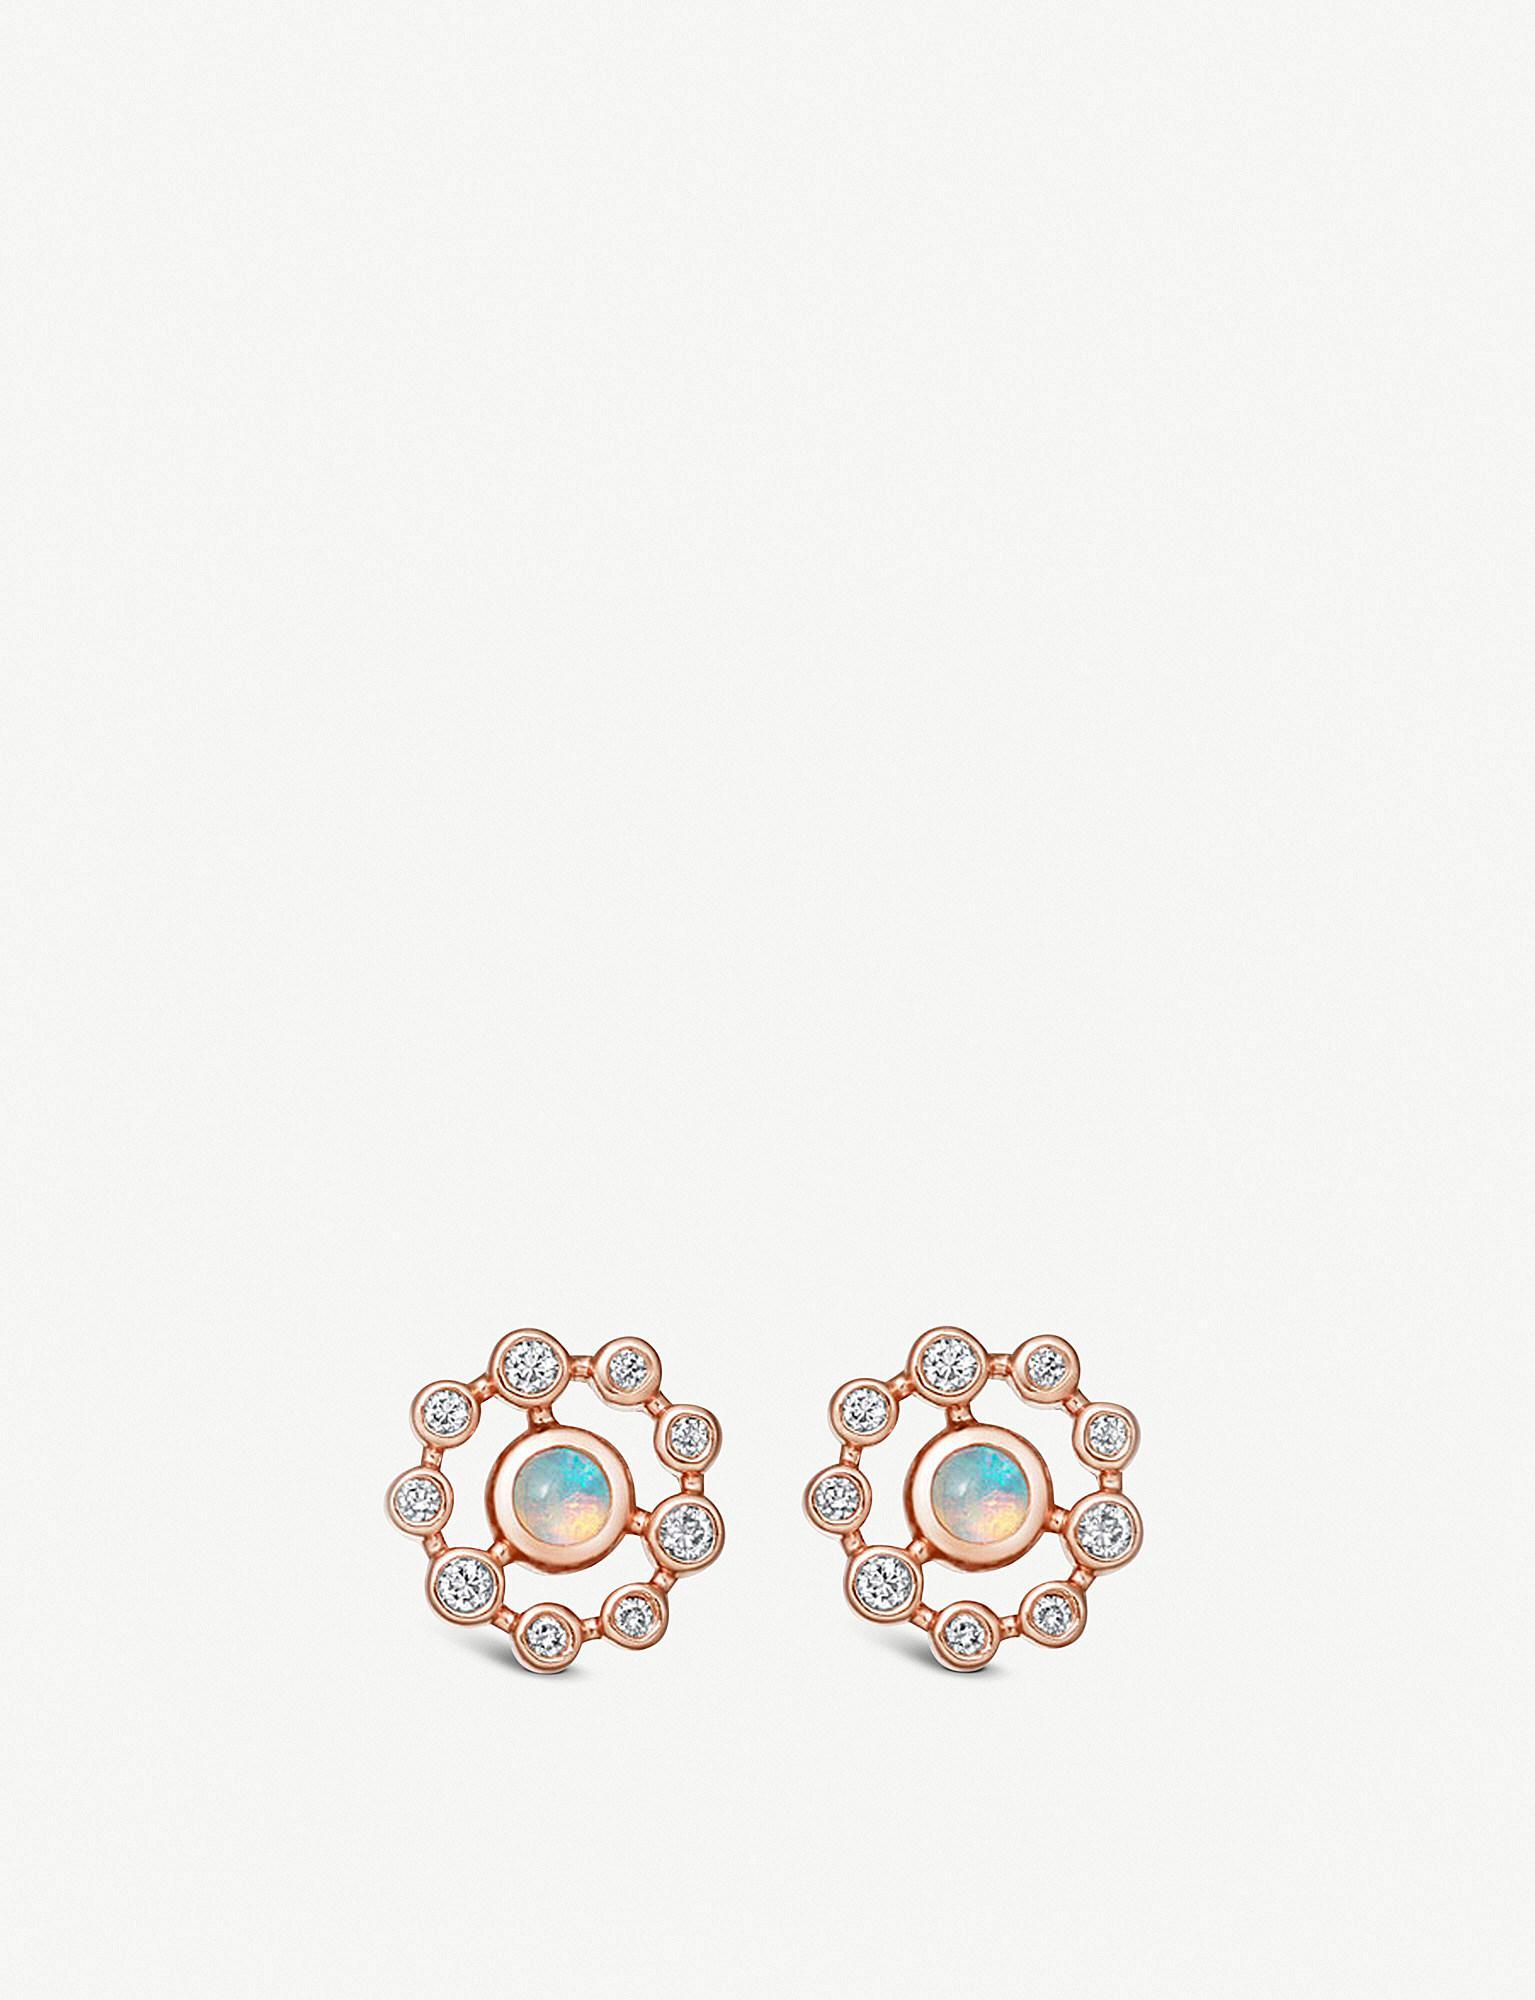 67858ef86da87 Lyst - Astley Clarke Icon Nova Opal Earrings in Metallic - Save 8%